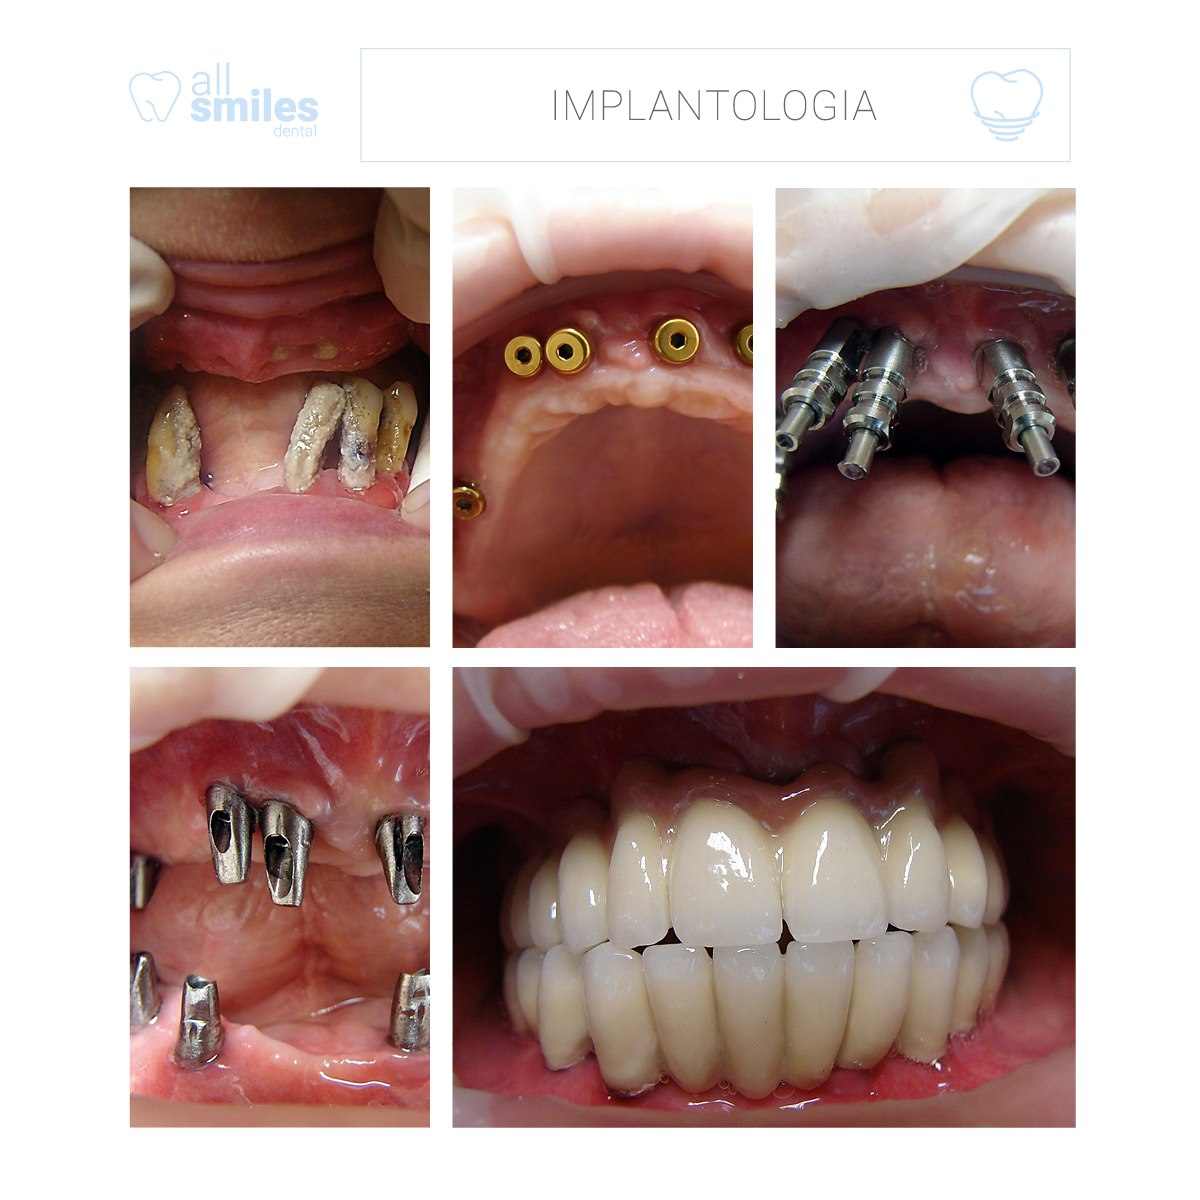 implantologia realizacja